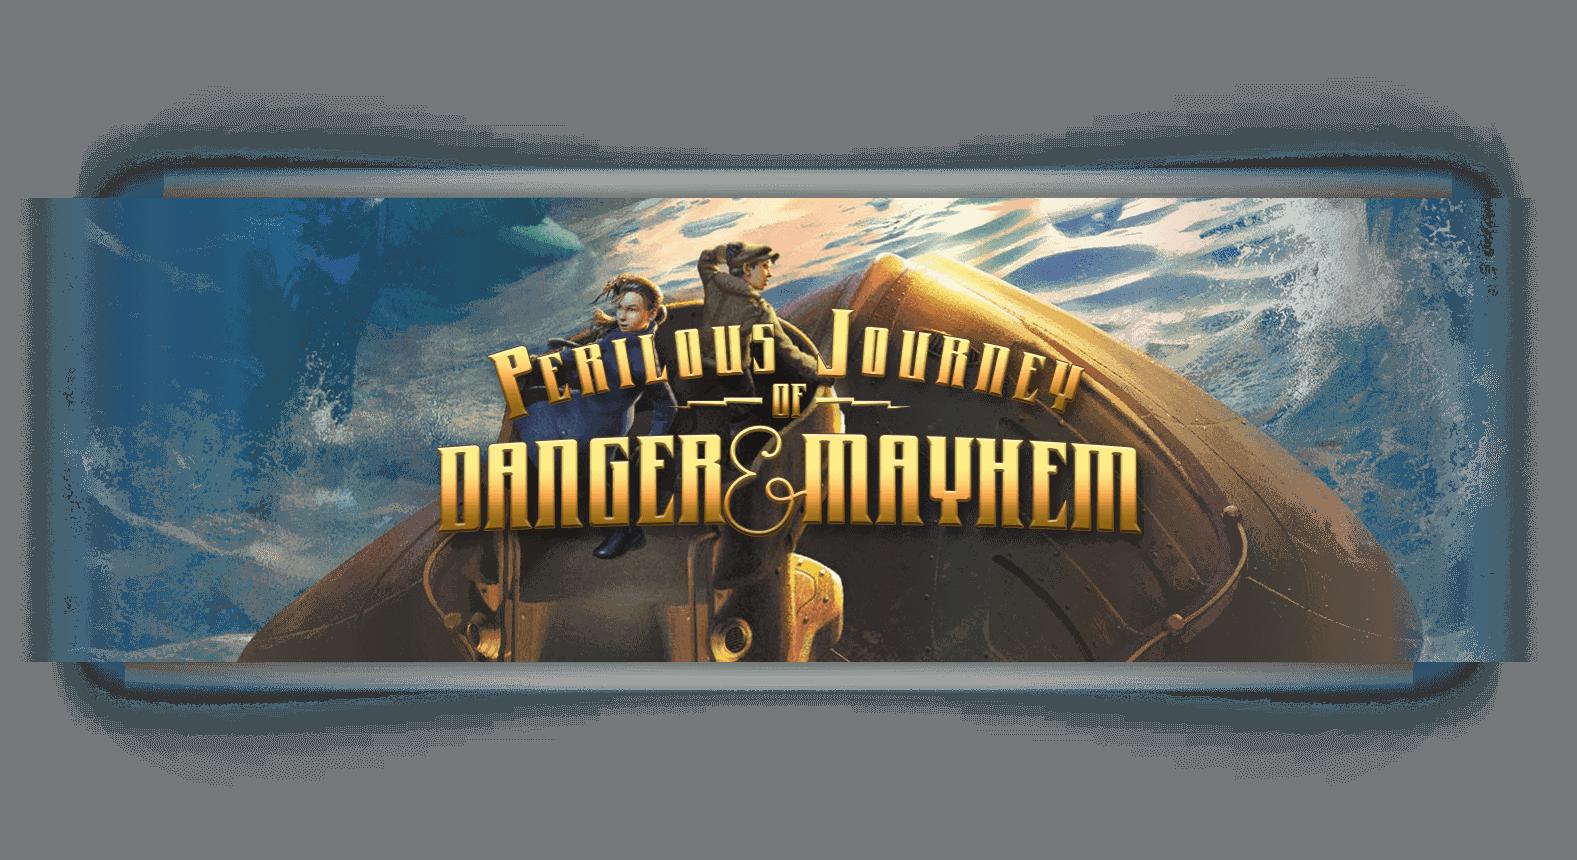 Journey Of Danger And Mayhem